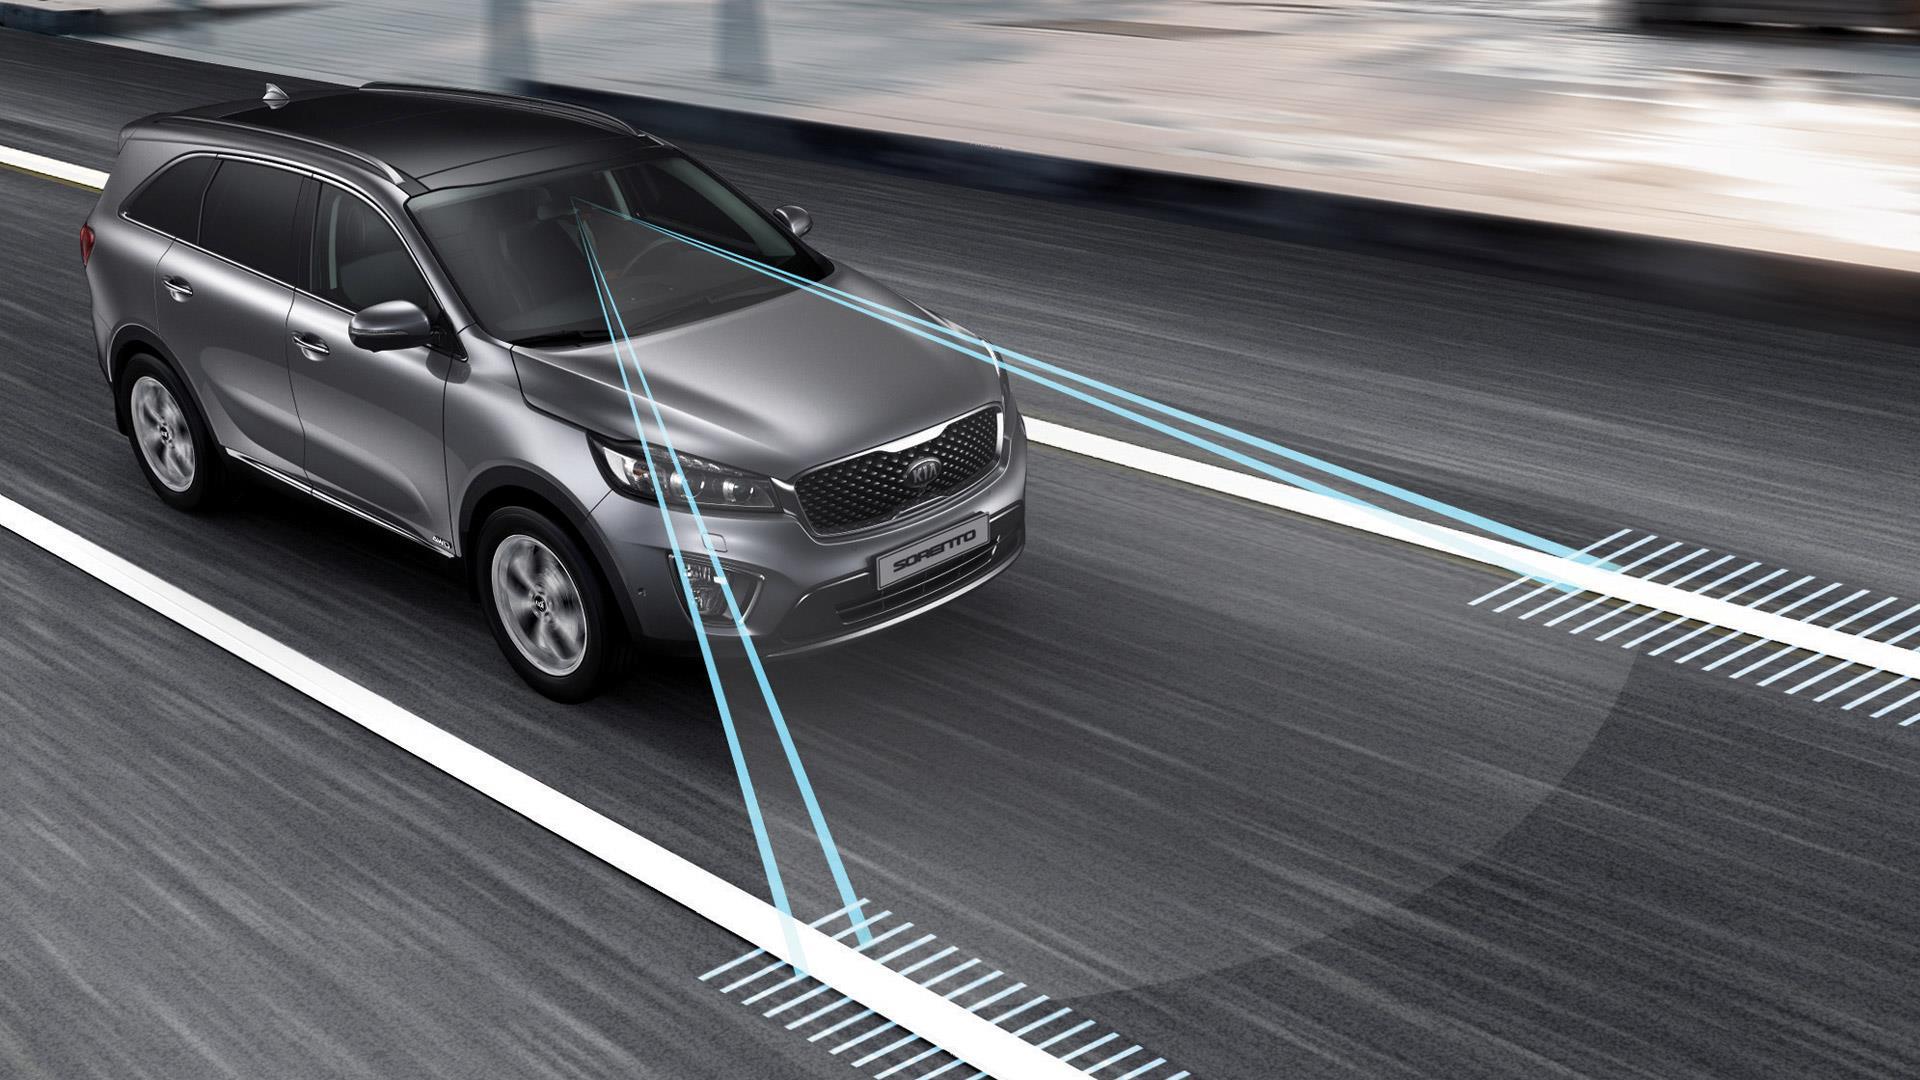 Sistemas de seguridad obligatorios en el coche a partir de 2022   Fuente: KIA